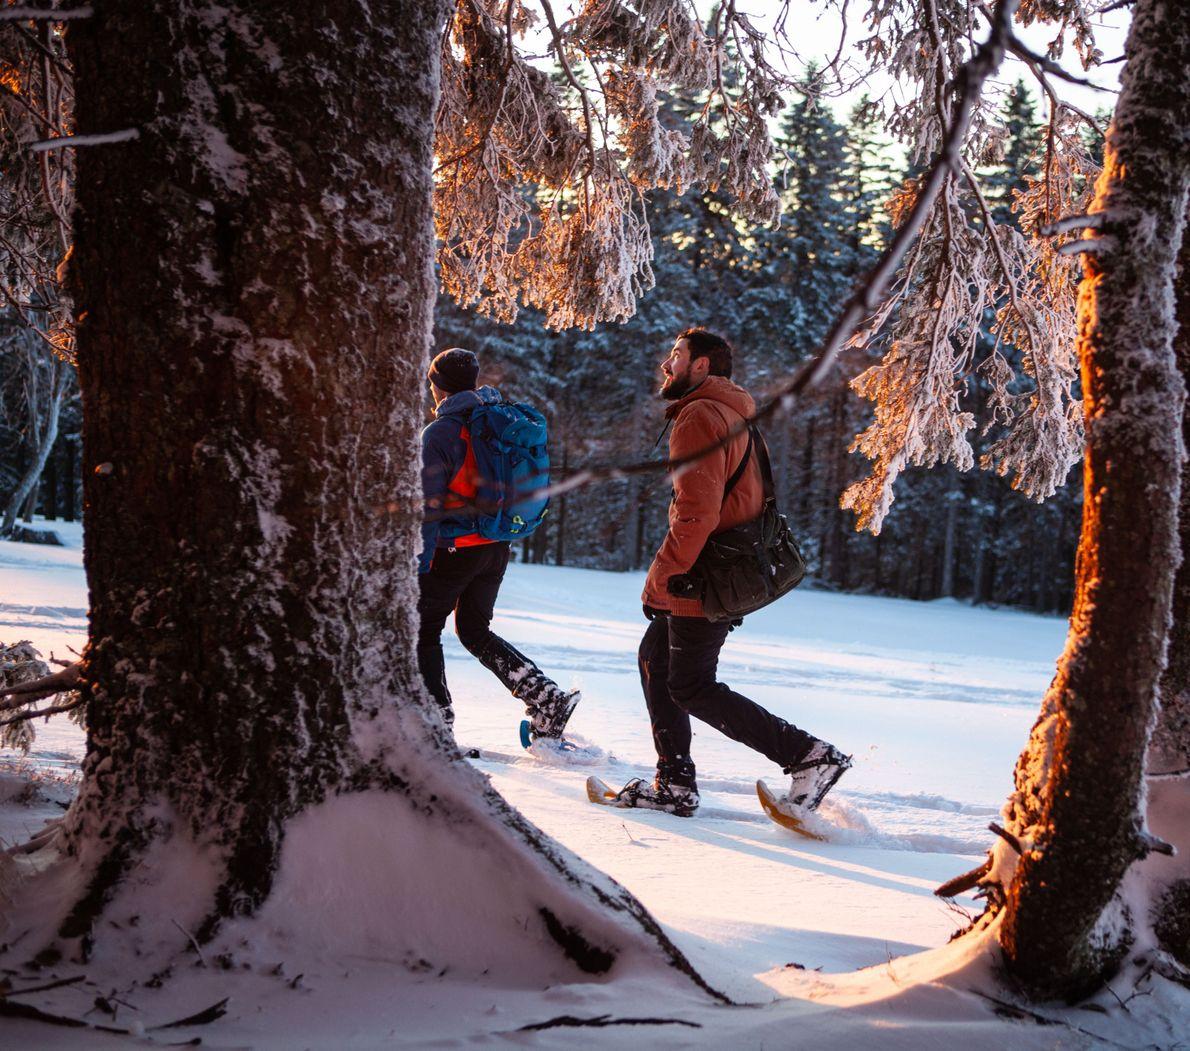 Schneeschuh-Guide Nejc Heberle geht bei perfekten Schneebedingungen und atemberaubenden Lichtverhältnissen voran durch einen von Sloweniens winterlichen ...